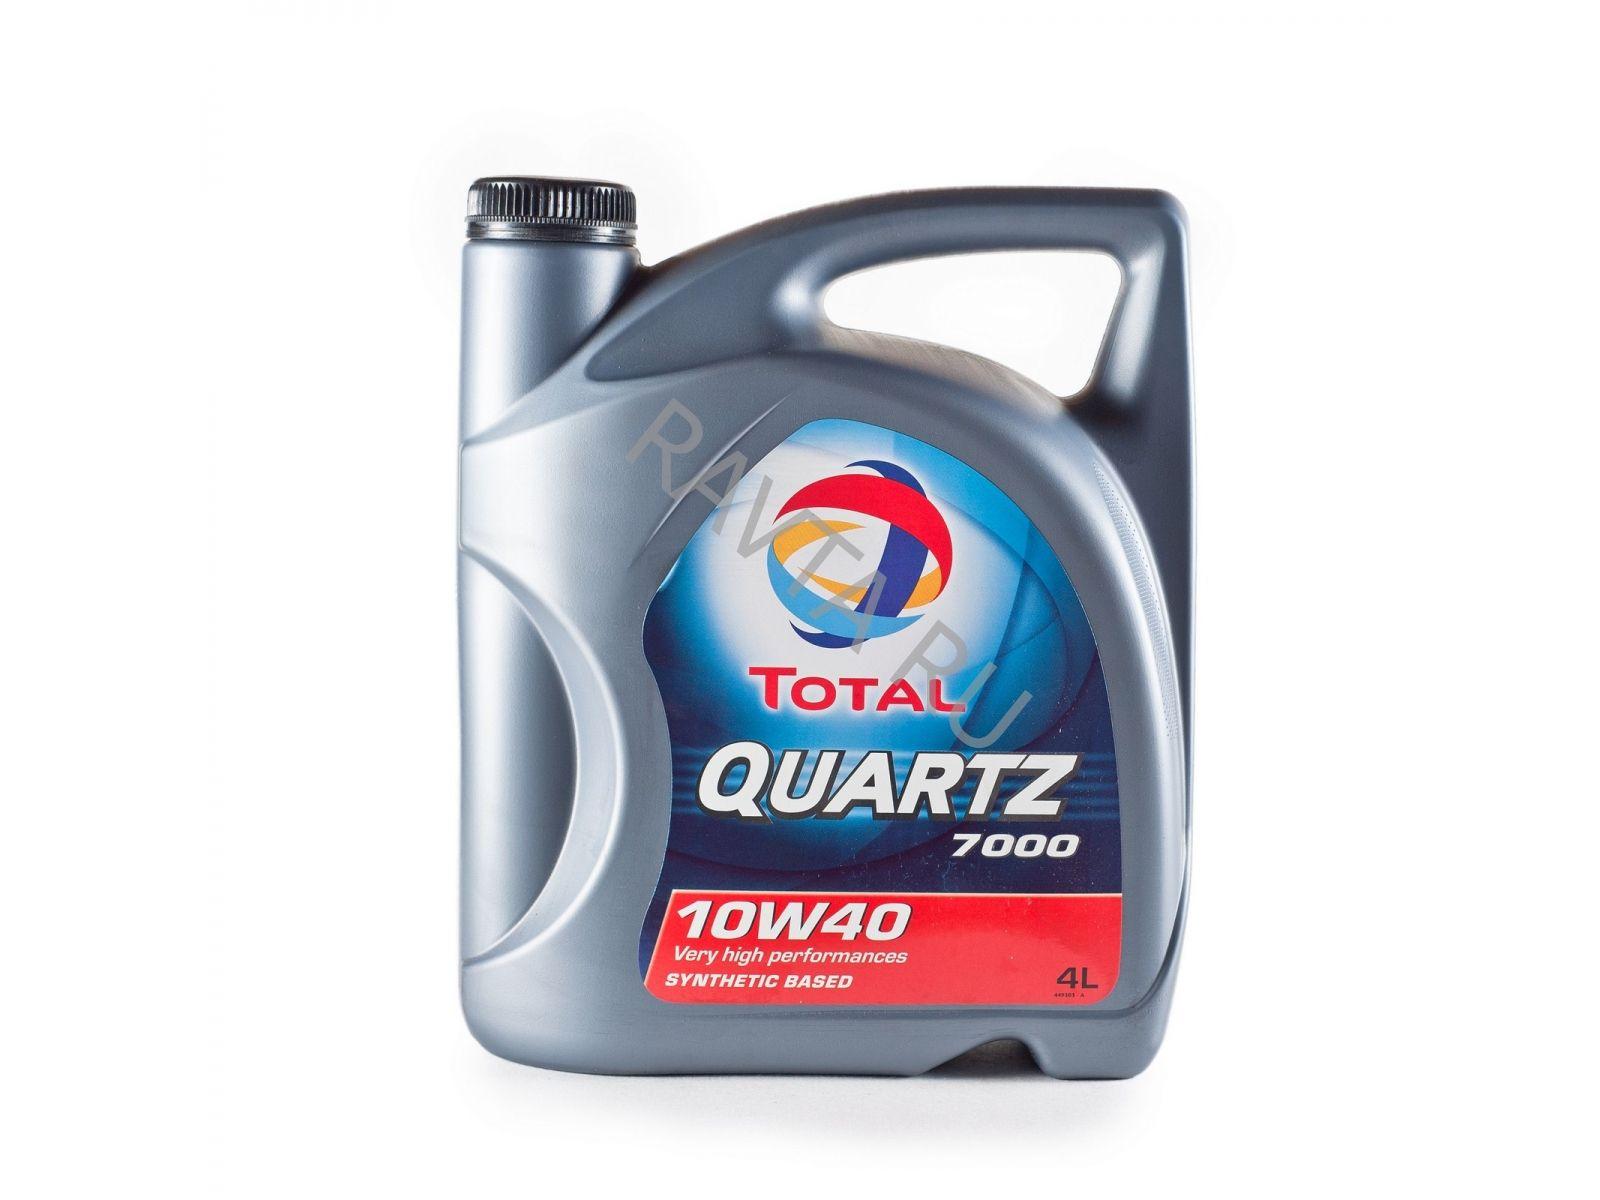 Масло Total Quartz 7000 10W-40 (4л) от Ravta